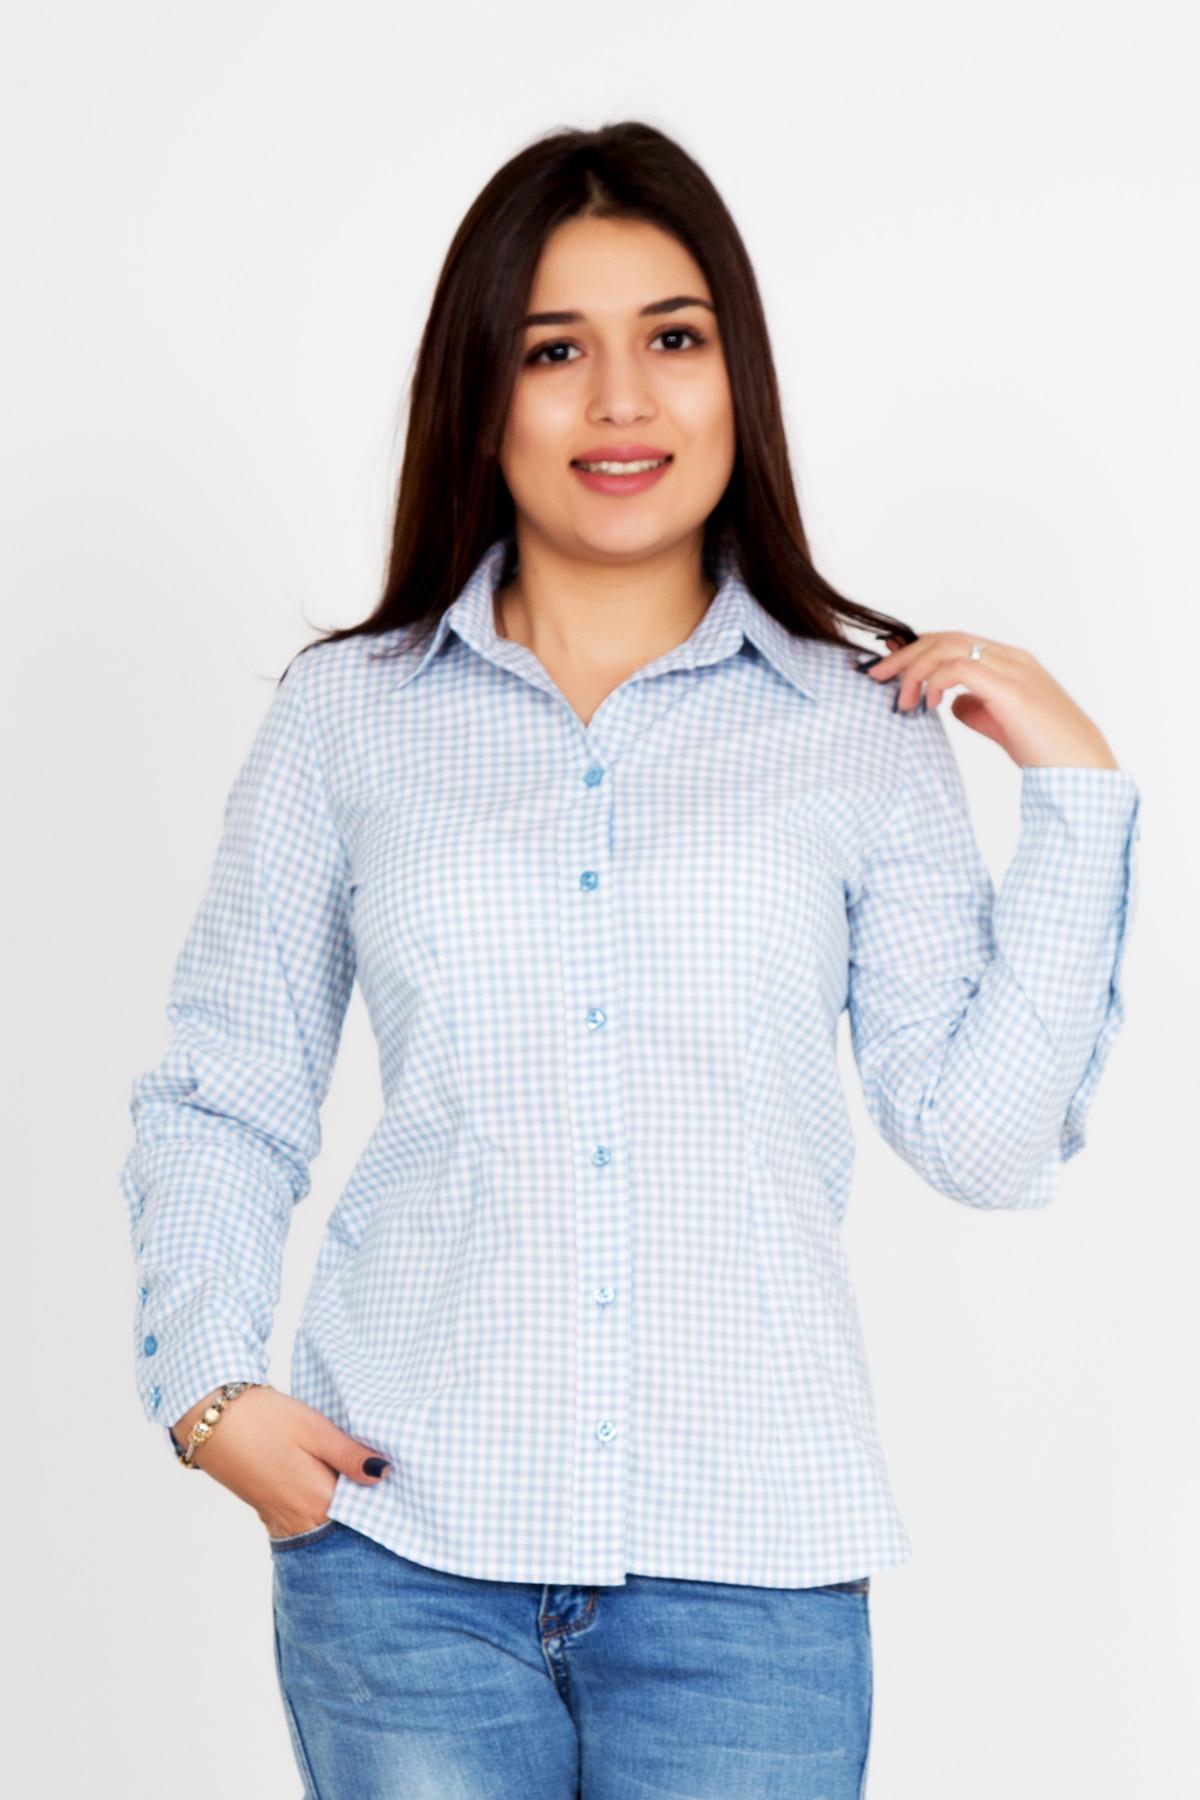 Жен. рубашка Герти р. 54Распродажа женской одежды<br>Обхват груди: 108 см <br>Обхват талии: 88 см <br>Обхват бедер: 116 см <br>Длина по спинке: 70 см <br>Рост: 167 см<br><br>Тип: Жен. рубашка<br>Размер: 54<br>Материал: Шотландка